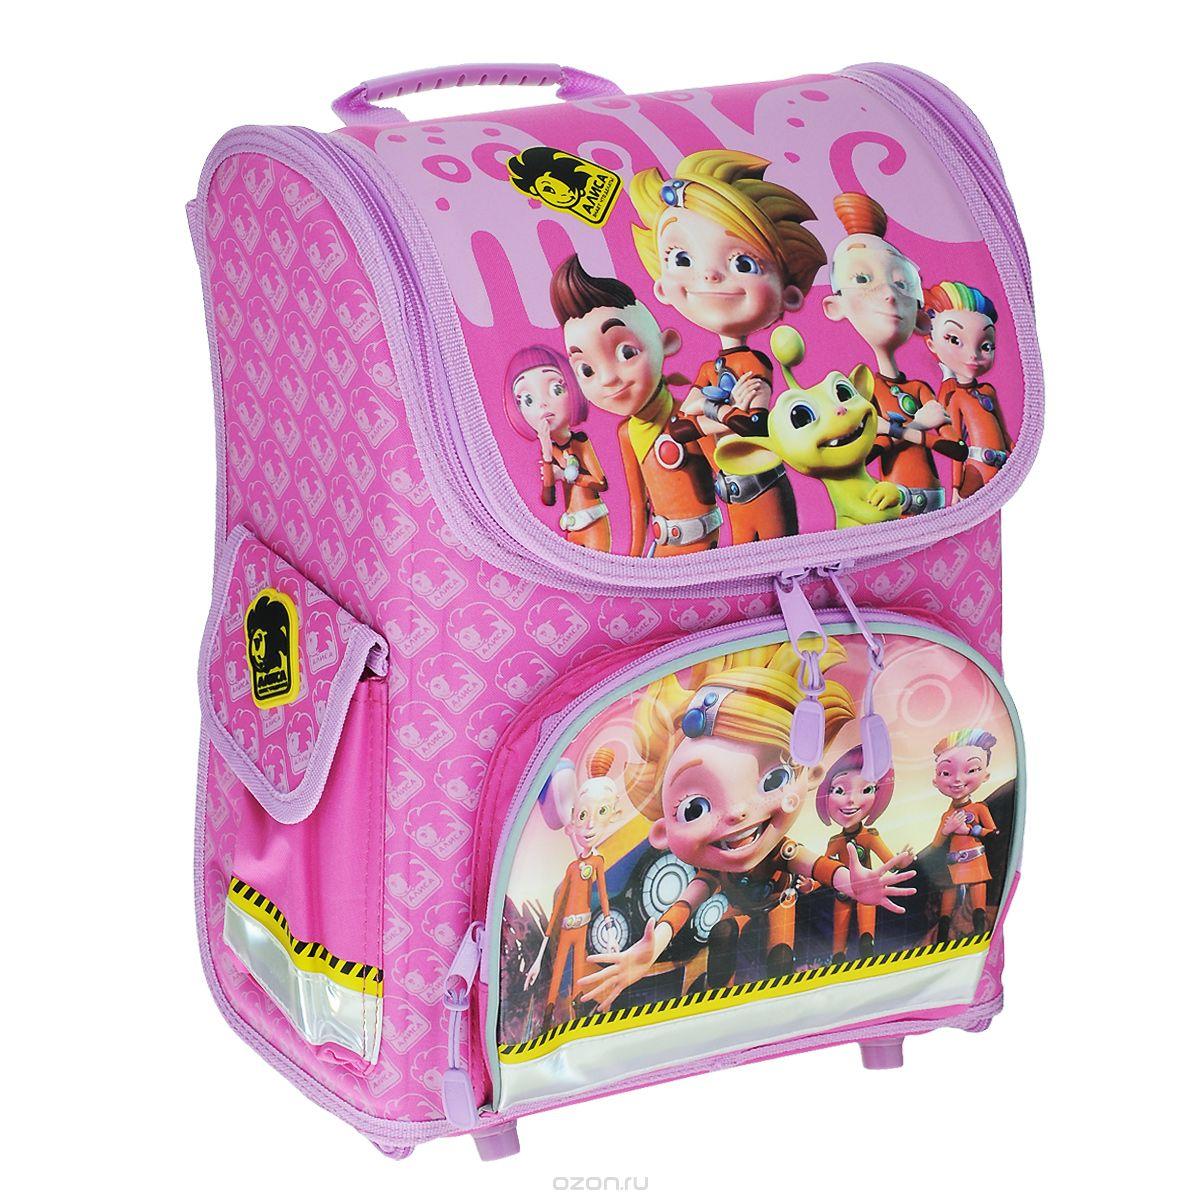 Ранец школьный Action! Алиса, цвет: розовый, сиреневый. AZ-ASB4000/1AZ-ASB4000/1Школьный ранец Алиса, выполненный из современных материалов, предназначен для переноски и хранения школьных принадлежностей. Изделие оформлено изображением героев мультсериала Алиса знает, что делать.Ранец имеет одно основное отделение, закрывающееся на застежку-молнию. Бегунки на молнии дополнены удобными пластиковыми держателями. Ранец полностью раскладывается. Внутри отделения расположены: накладной сетчатый карман, две перегородки с резинкой-фиксатором, предназначенные для тетрадей и учебников, накладной пластиковый кармашек. Пластиковый кармашек предназначен для расписания уроков и личных данных владельца (имеется вкладыш для заполнения). На лицевой стороне ранца расположен накладной карман на молнии. По бокам ранца размещены два дополнительных накладных кармана на застежке-липучке.Рельеф спинки ранца разработан с учетом особенностей детского позвоночника.Ранец оснащен эргономичной ручкой для переноски, двумя широкими лямками, регулируемой длины. Дно ранца защищено пластиковыми ножками, придающими дополнительную устойчивость изделию.Светоотражающие элементы на фронтальной стороне, боковых карманах и лямках ранца обеспечивают дополнительную безопасность в темное время суток. Многофункциональный школьный ранец Алиса станет незаменимым спутником вашего ребенка в походах за знаниями.